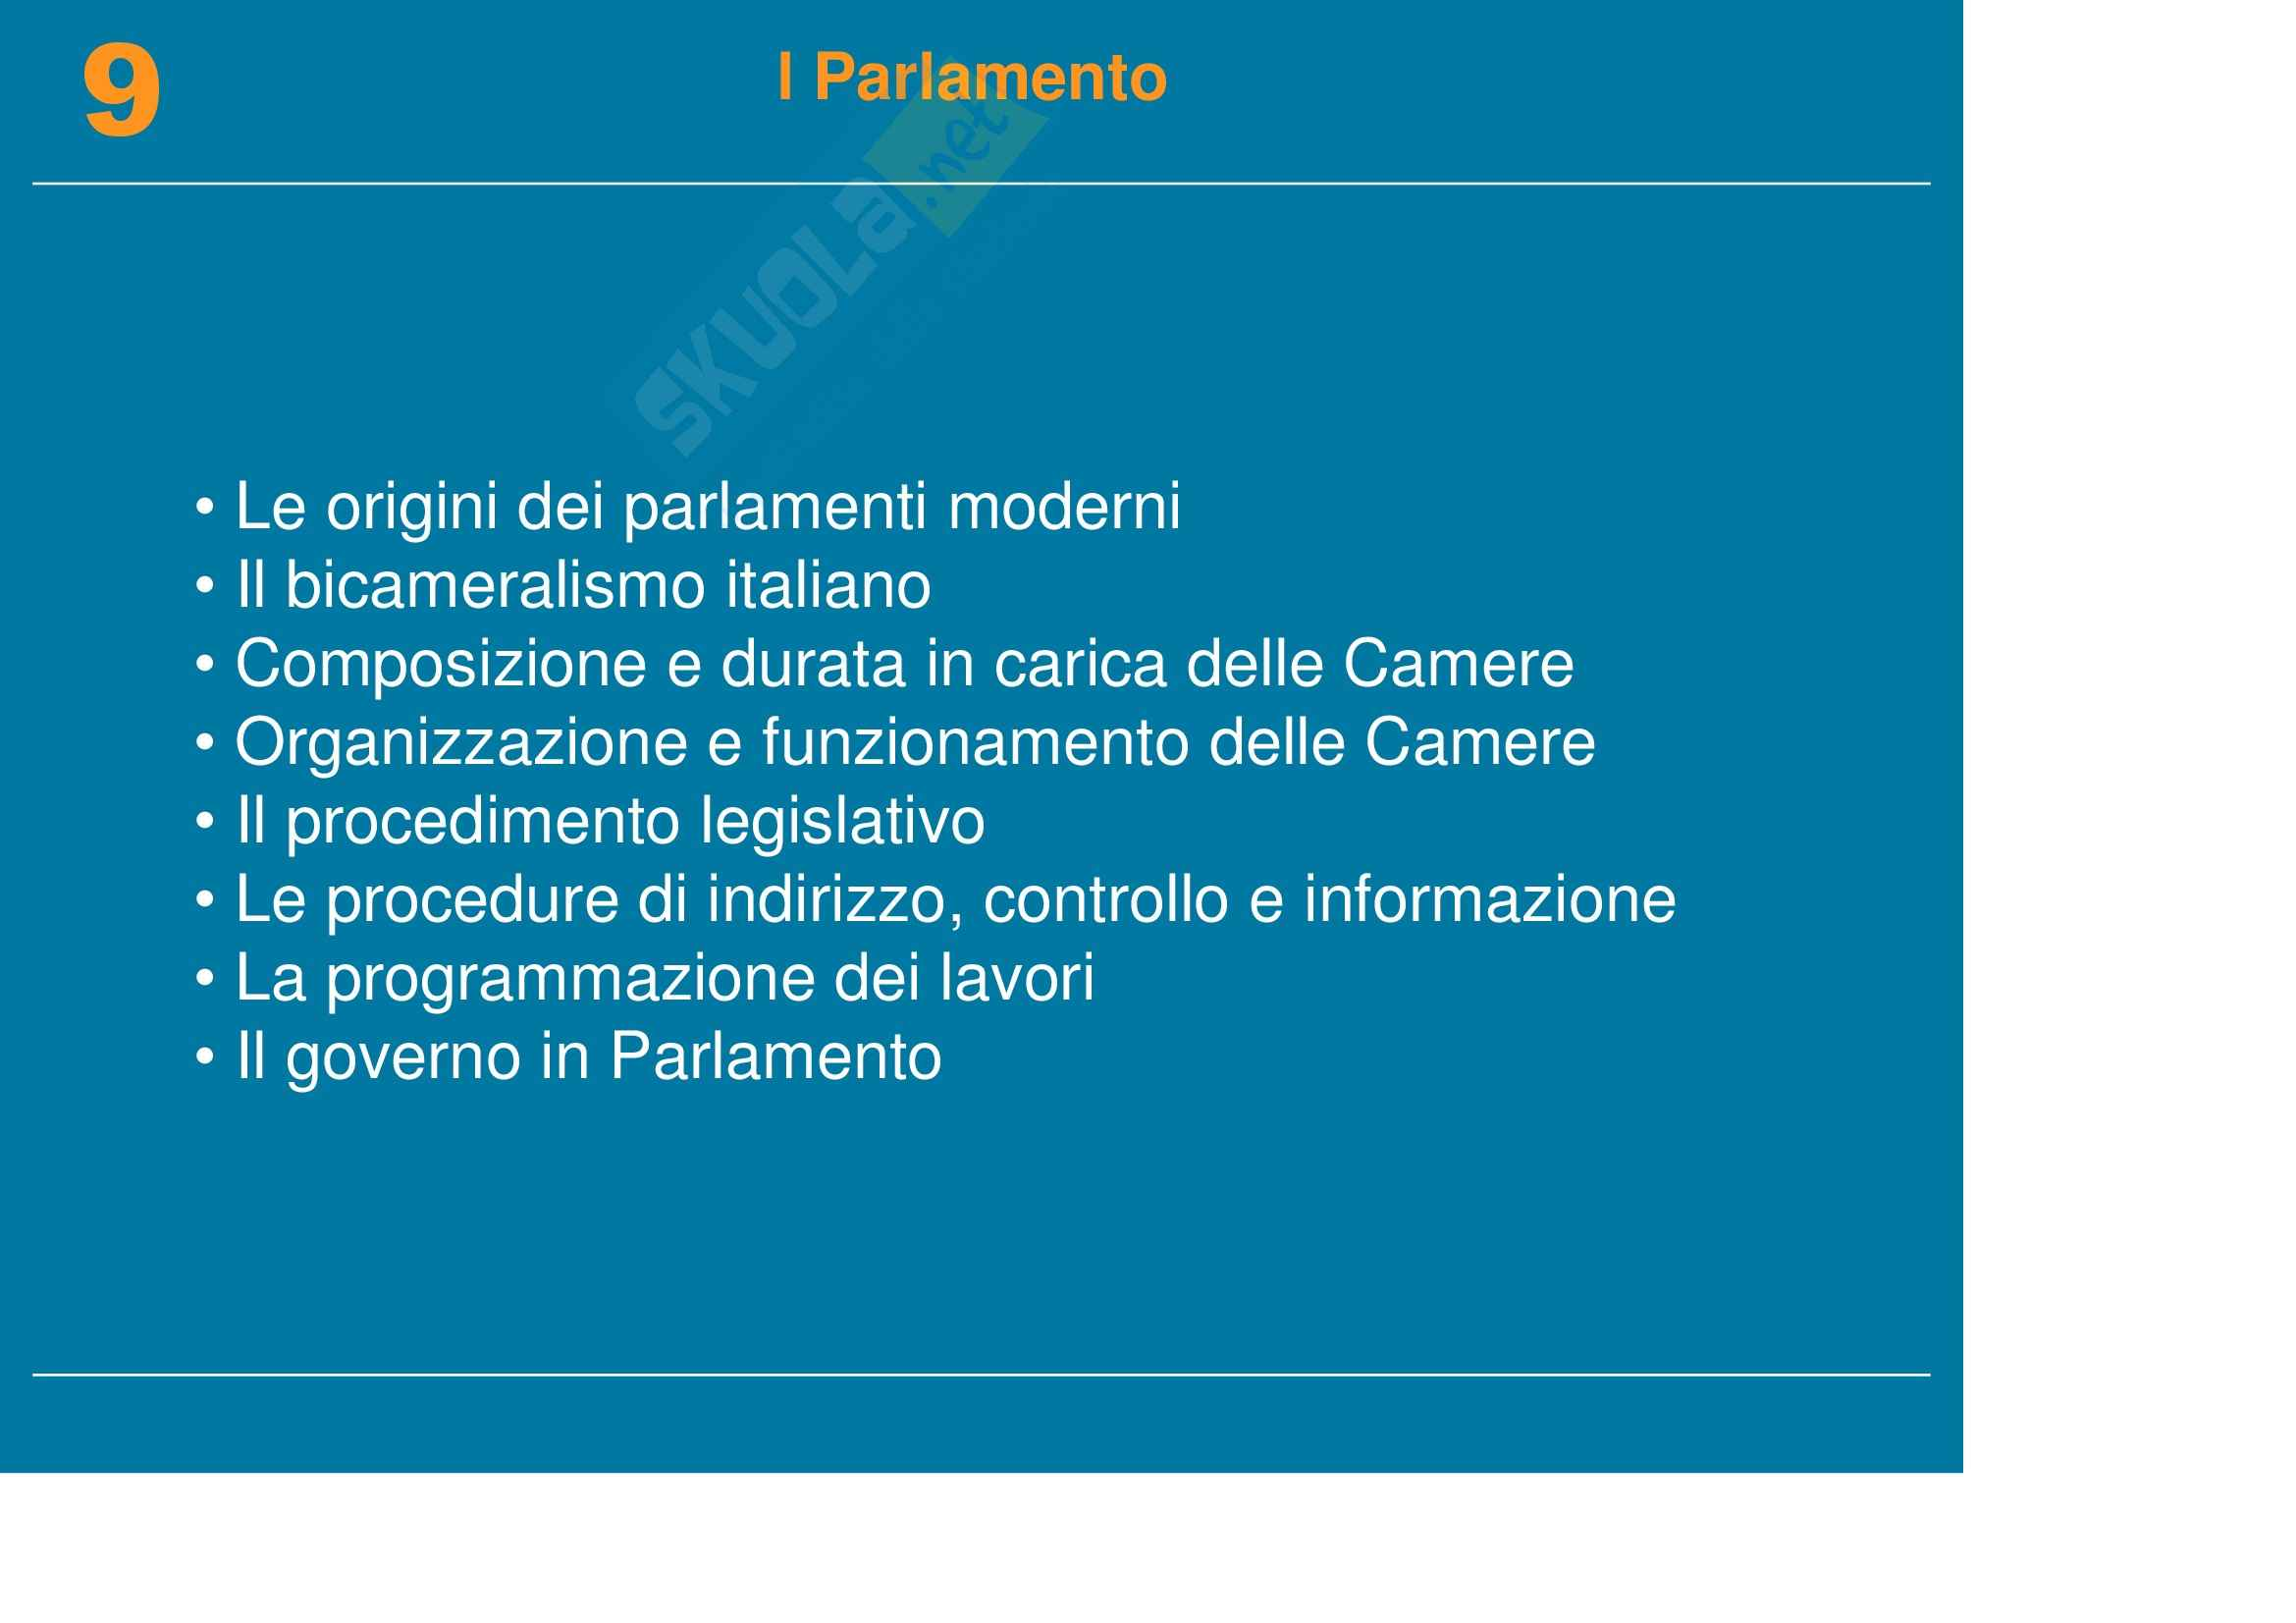 Diritto pubblico, dell'informazione e della comunicazione - il Parlamento